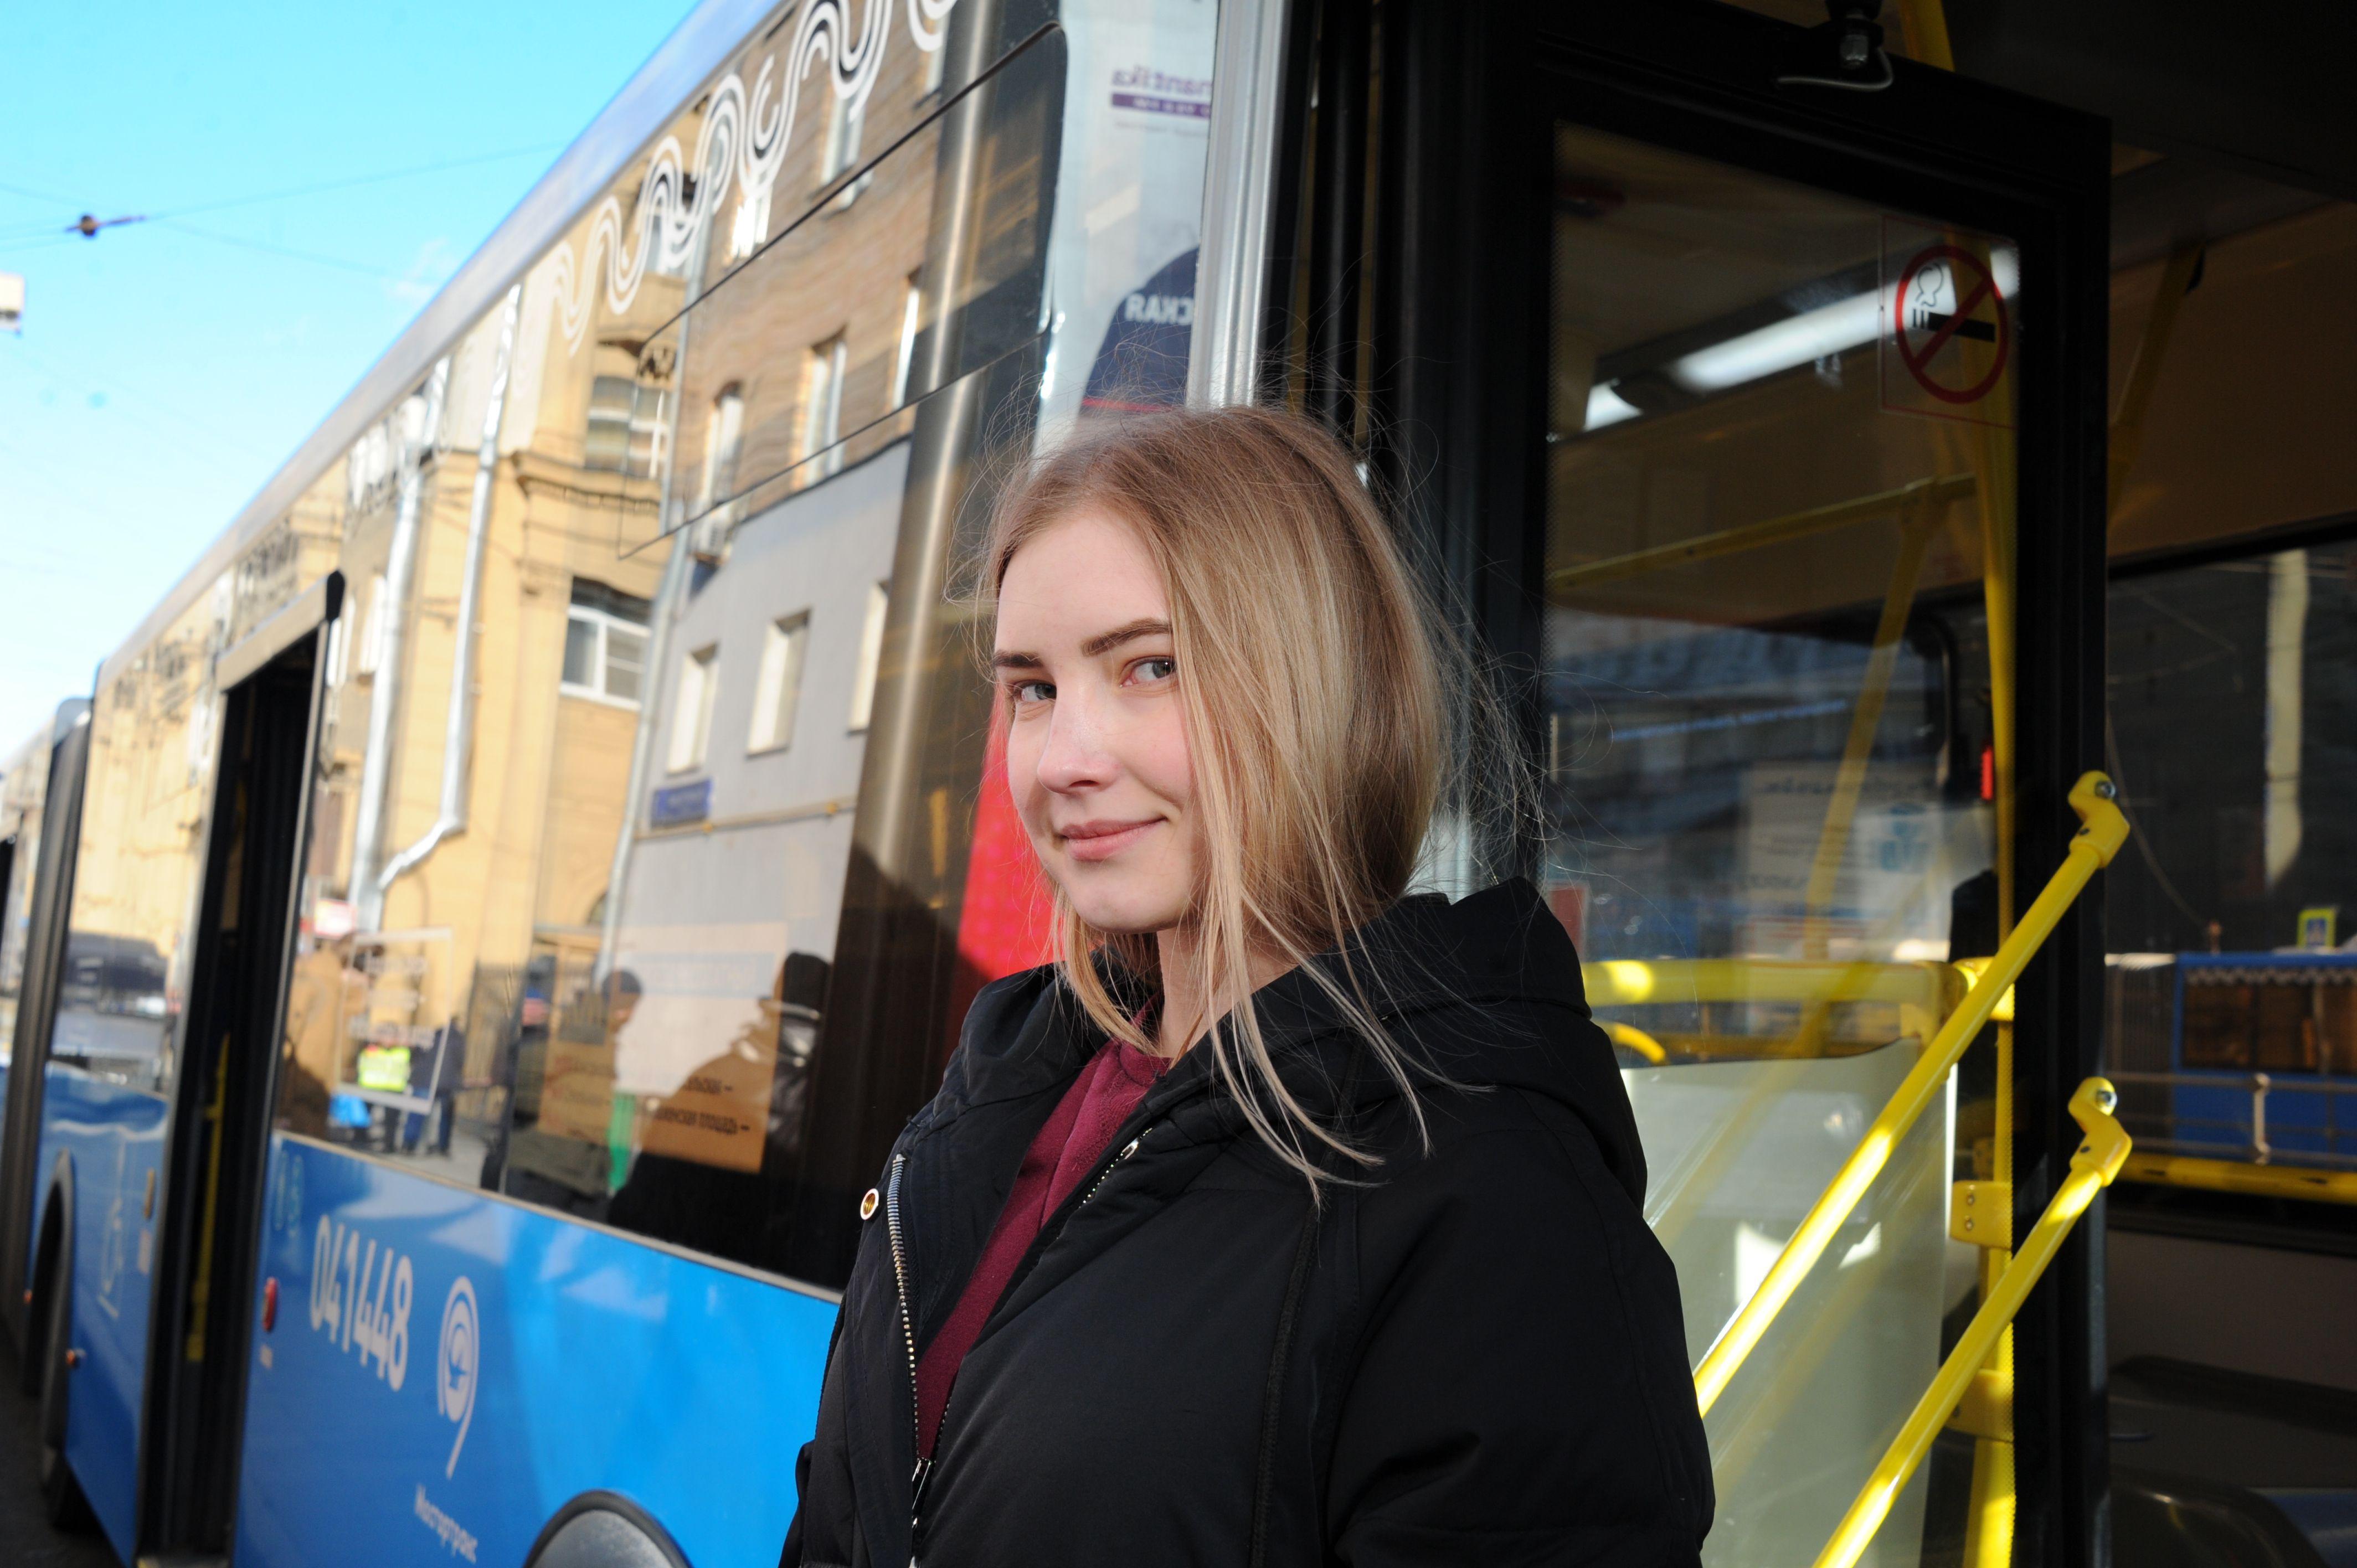 Автобусные маршруты изменятся в Новой Москве